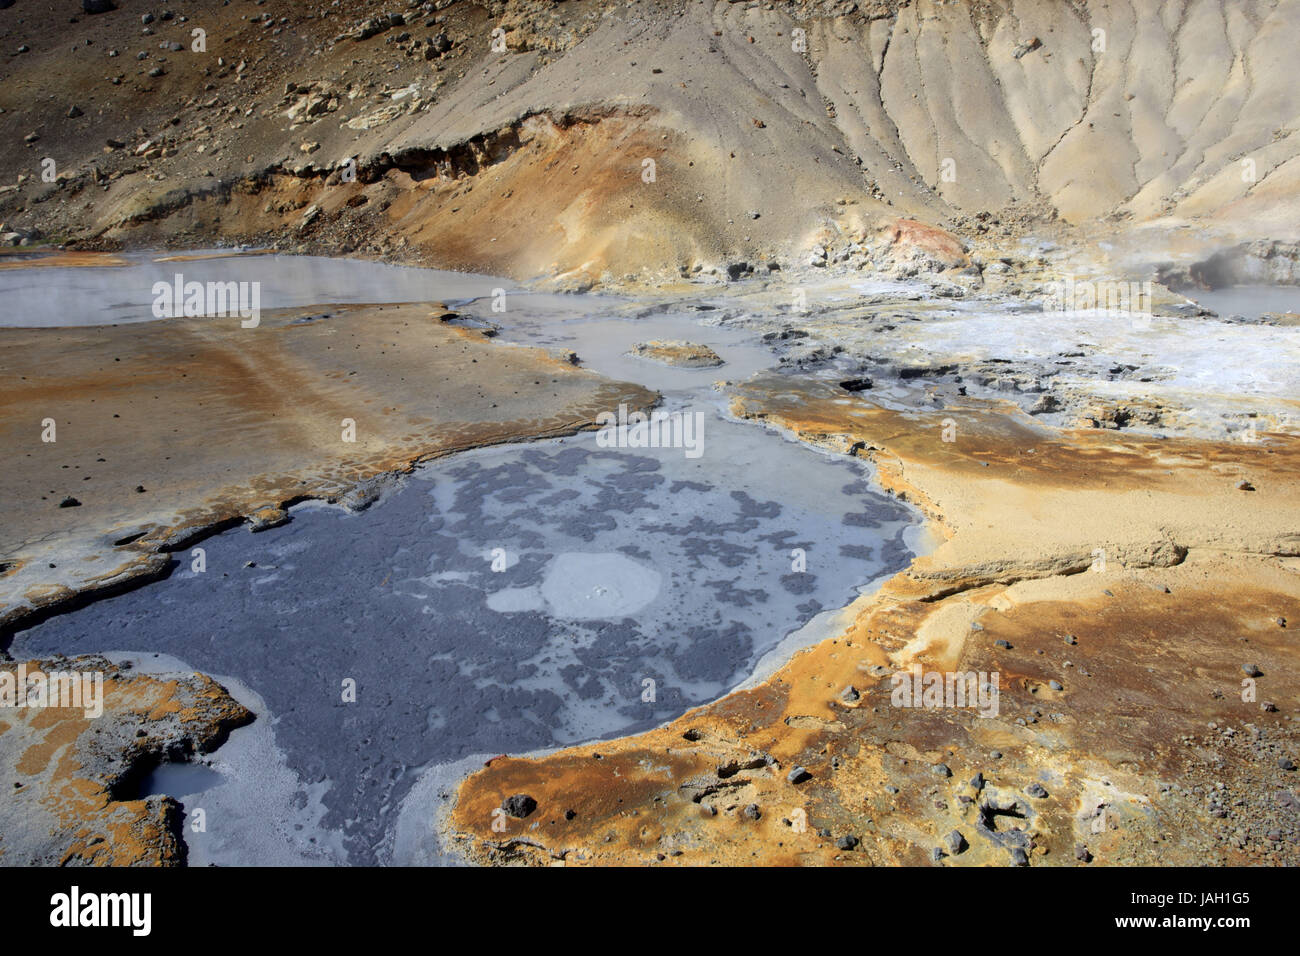 Europe,Northern Europe,Iceland,Südwestisland,Sudurnes peninsula,Reykjanesfolkvangur,hot sources, - Stock Image